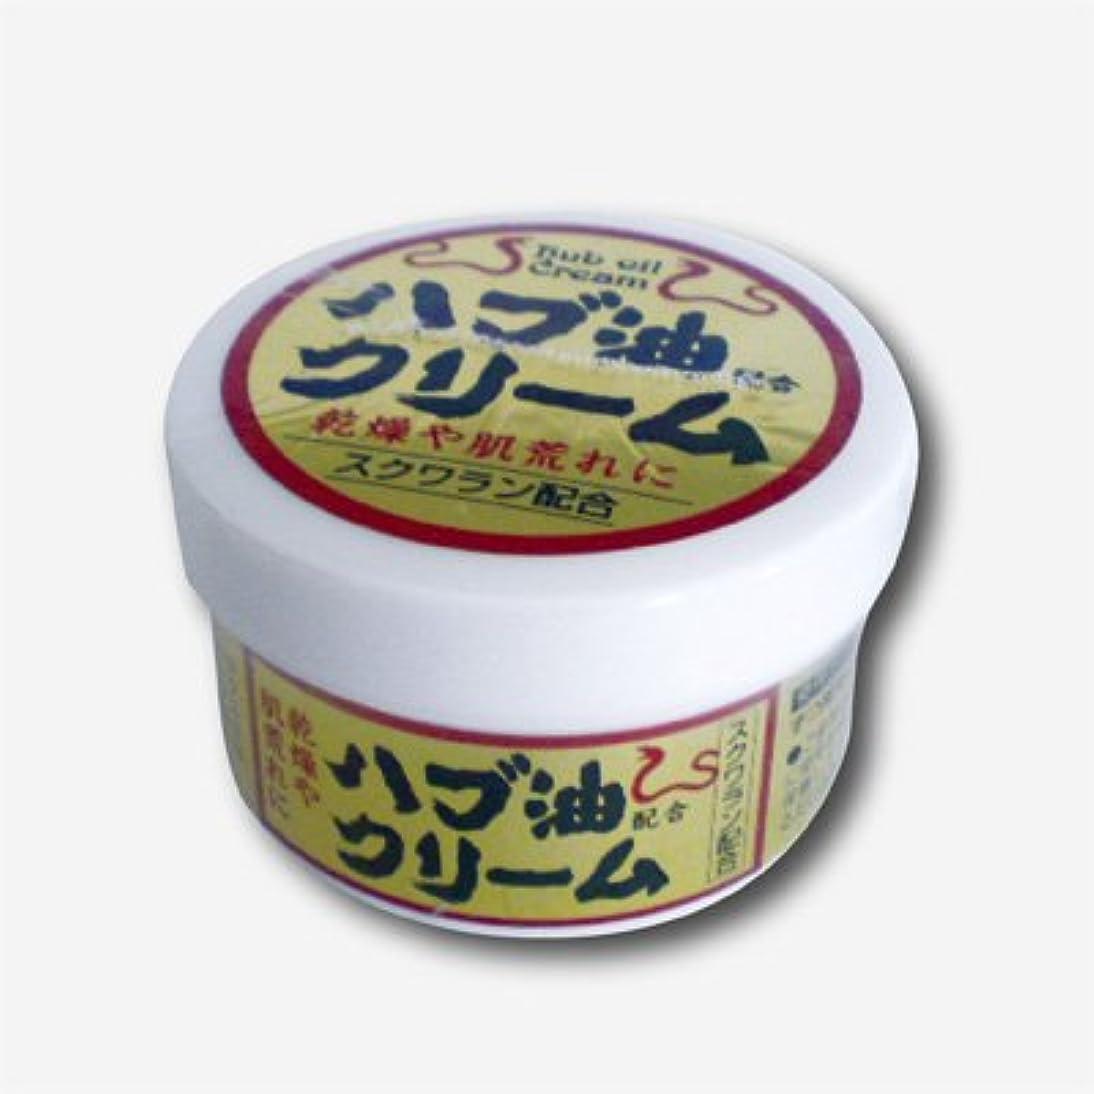 大いにアジャカブハブ油配合クリーム 10個【1個・50g】